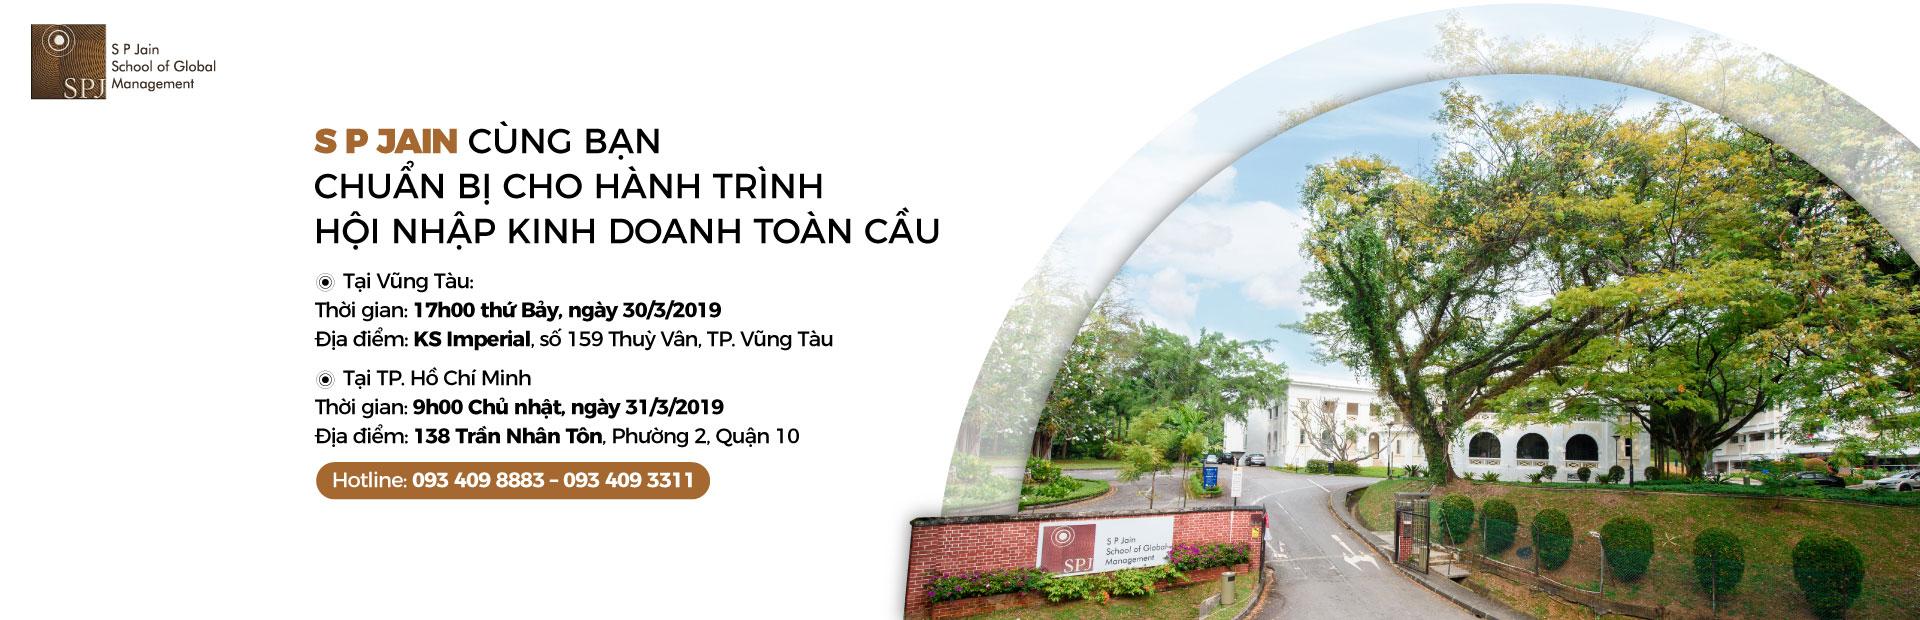 S P Jain 3.2019